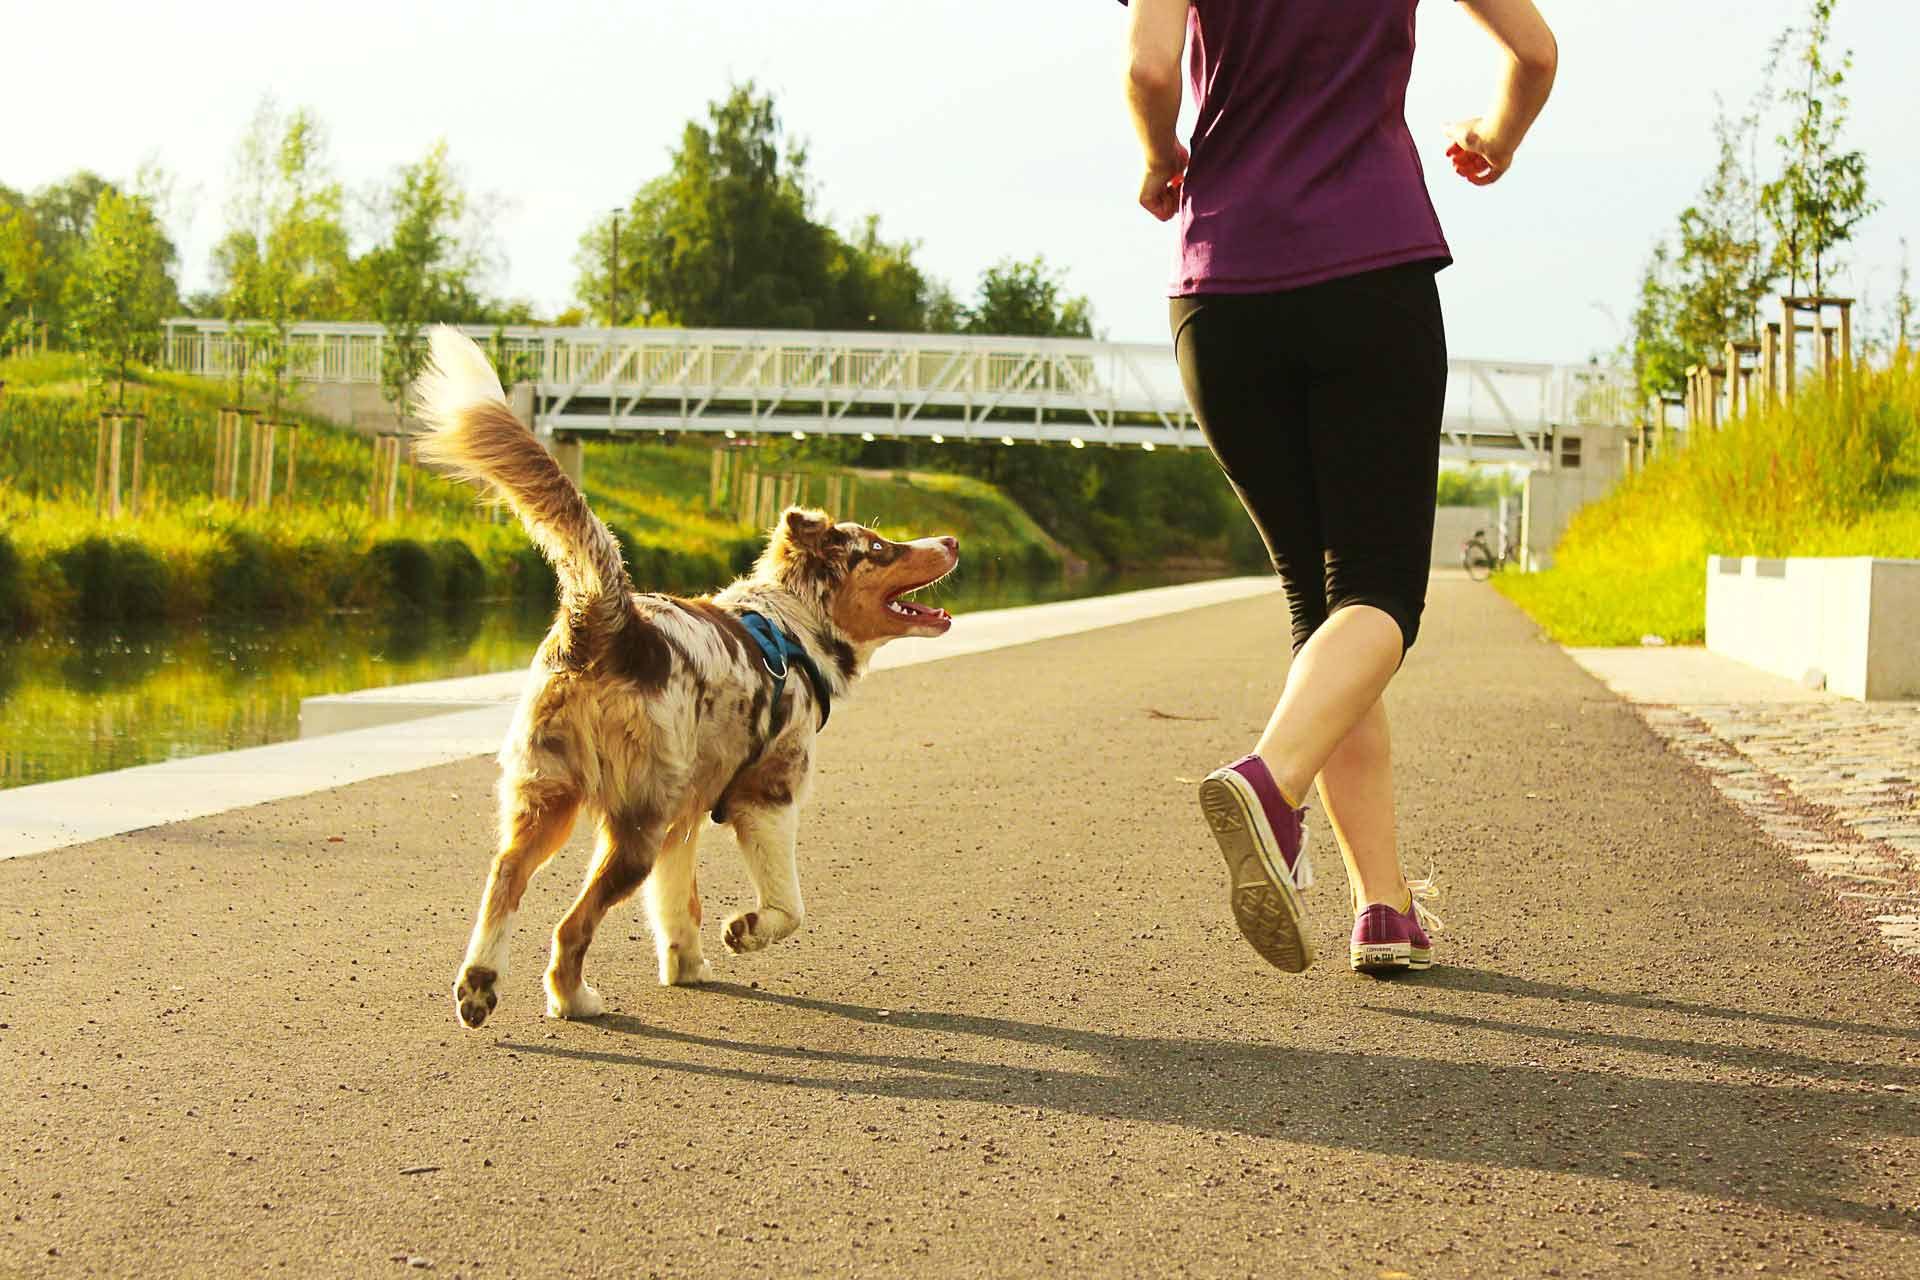 Mit Hund joggen: So bleibst du fit mit deinem Vierbeiner